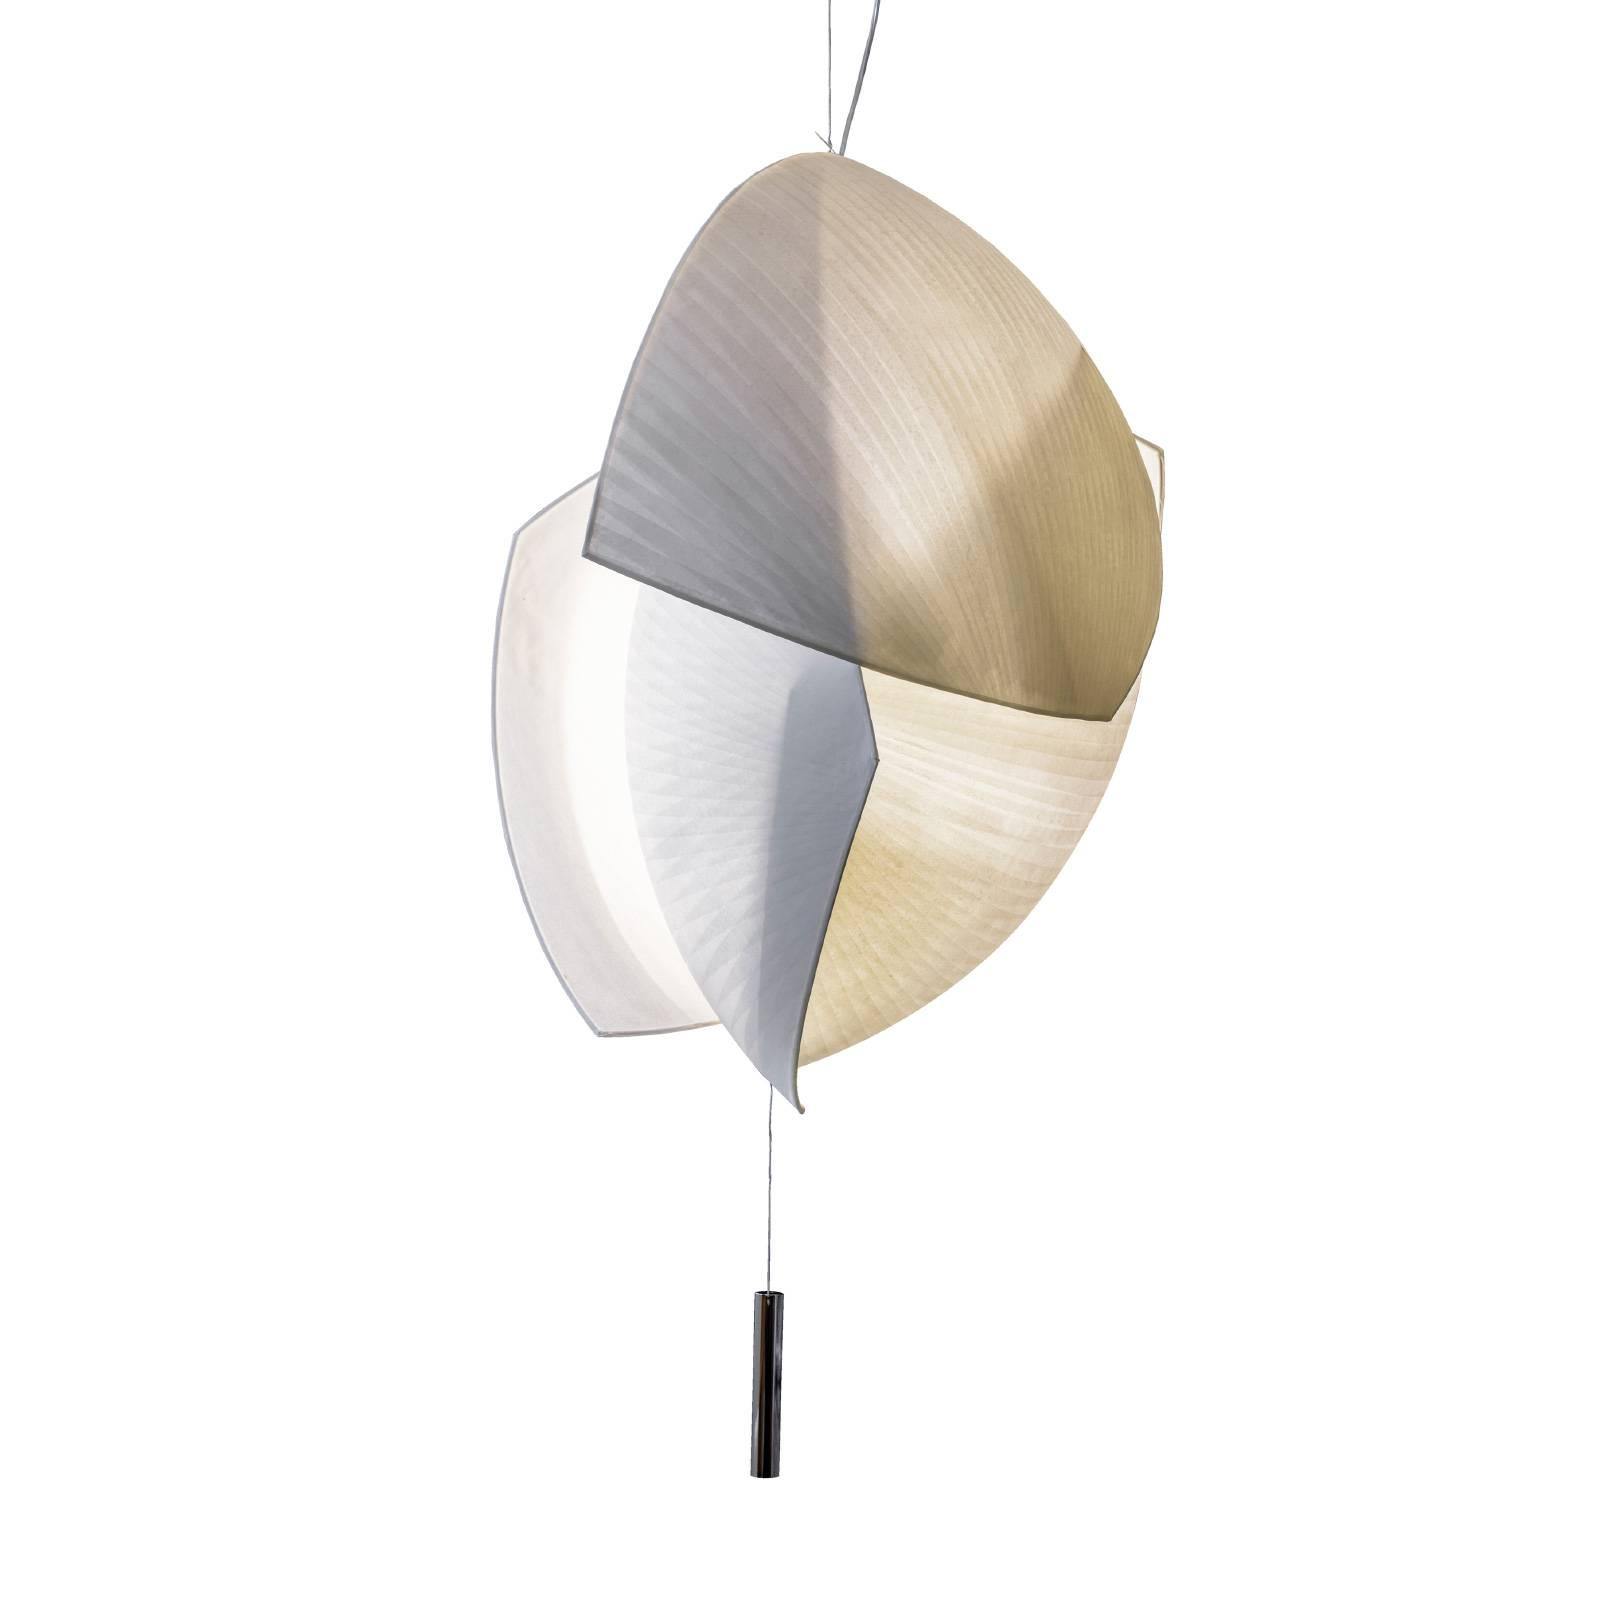 Grok Voiles -LED-riippuvalaisin 95x70 cm, DALI